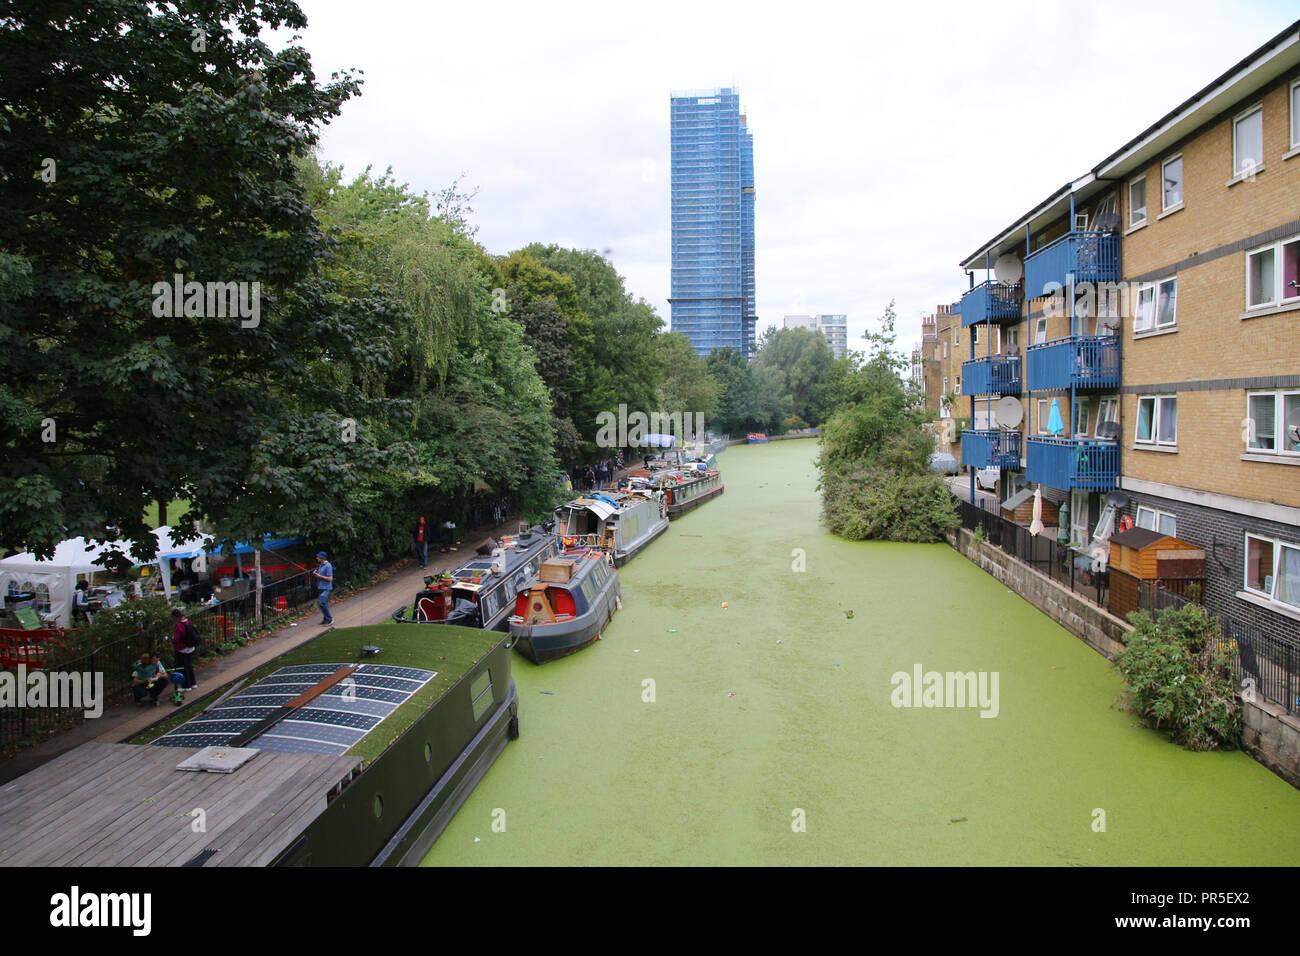 Londres, Royaume-Uni - 27 août 2018: Rangées de péniches et bateaux étroits sur le canal banks Banque D'Images